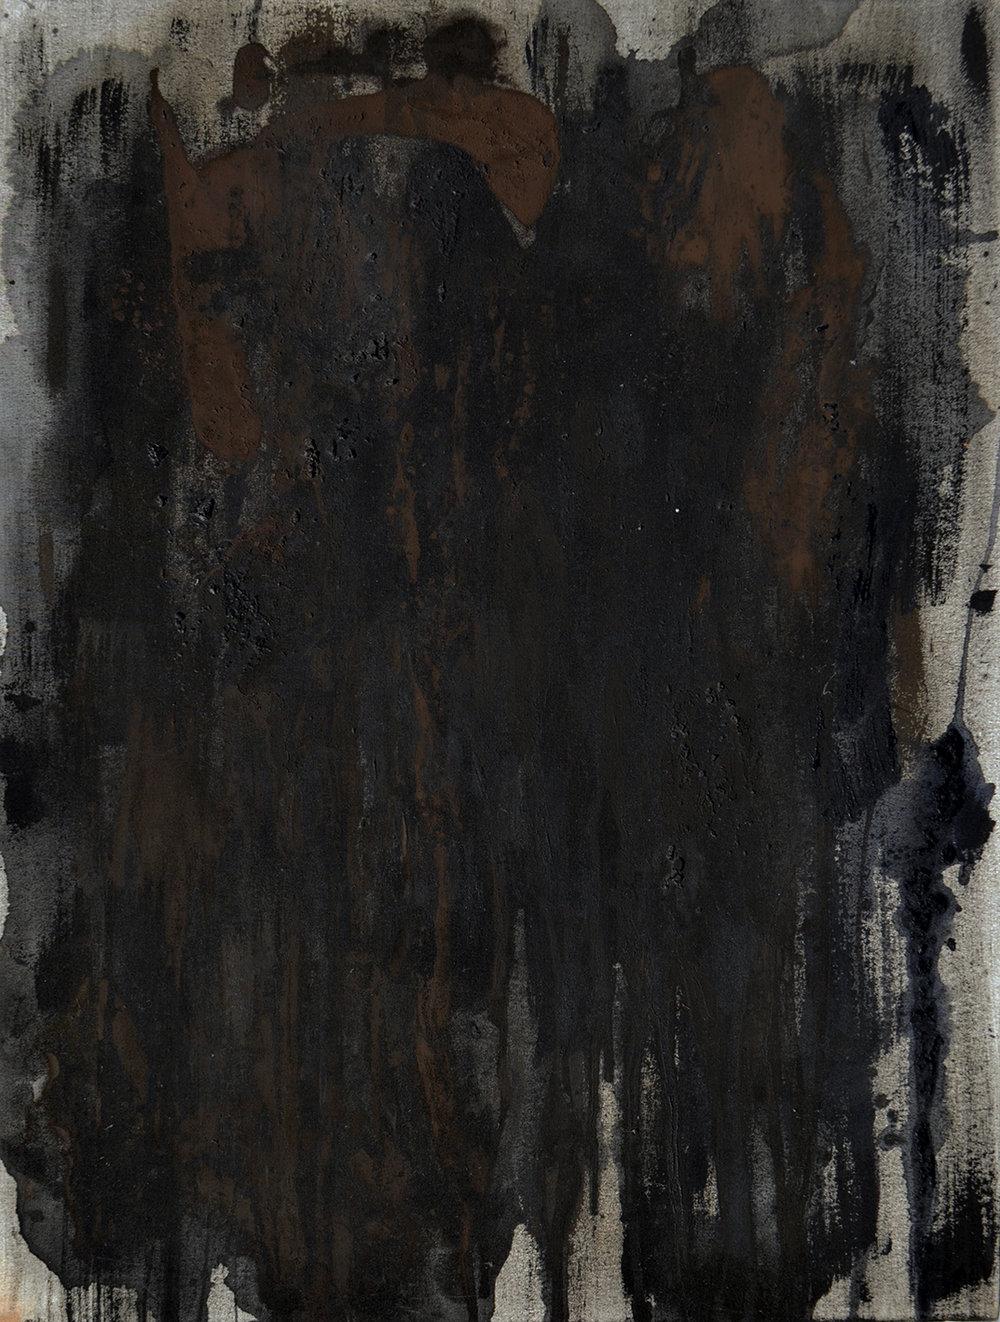 Iron Swan, 2008, 40 x 30 in.